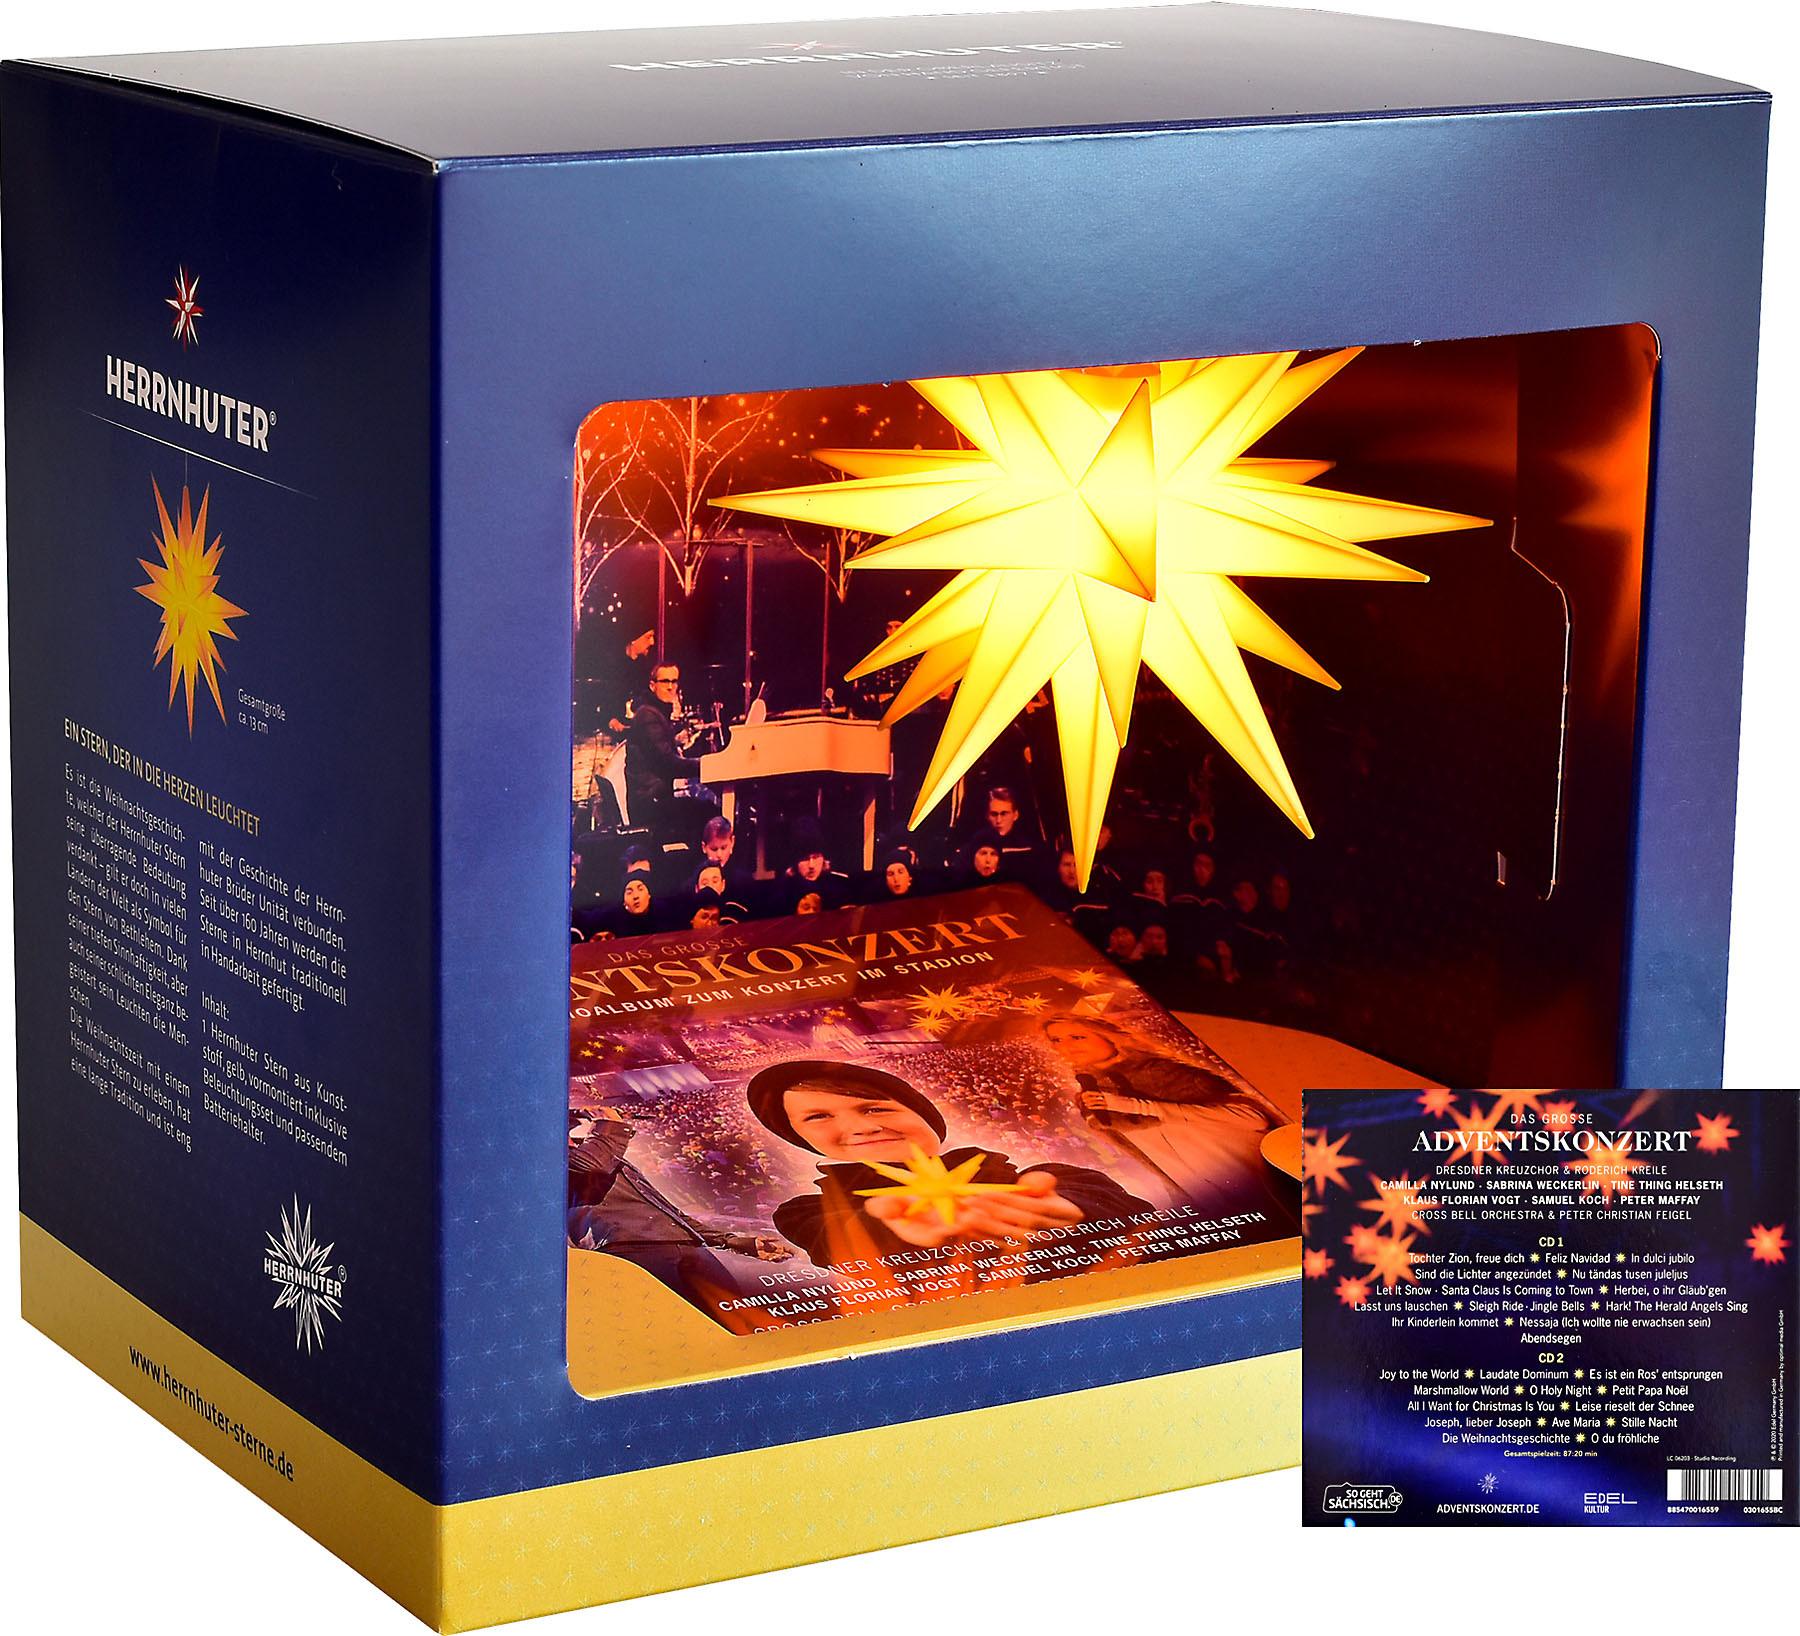 Herrnhuter Geschenkverpackung Das große Adventskonzert